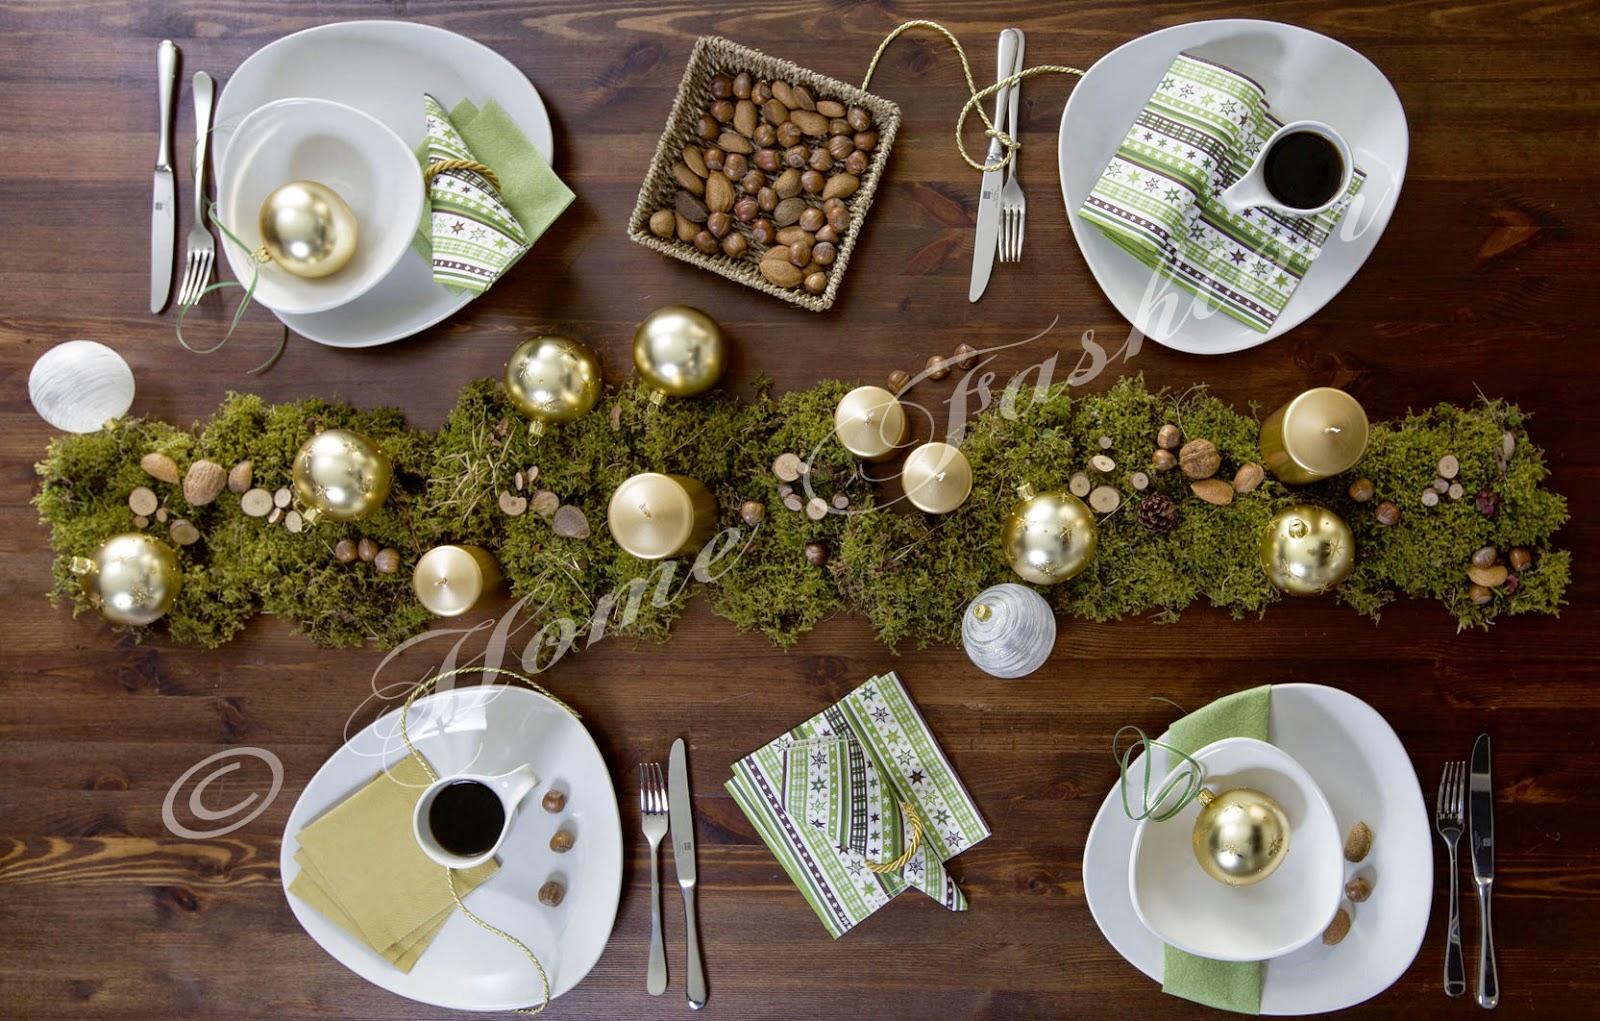 ideen f r die weihnachtstischdeko home fashion servietten und tischdekoration. Black Bedroom Furniture Sets. Home Design Ideas